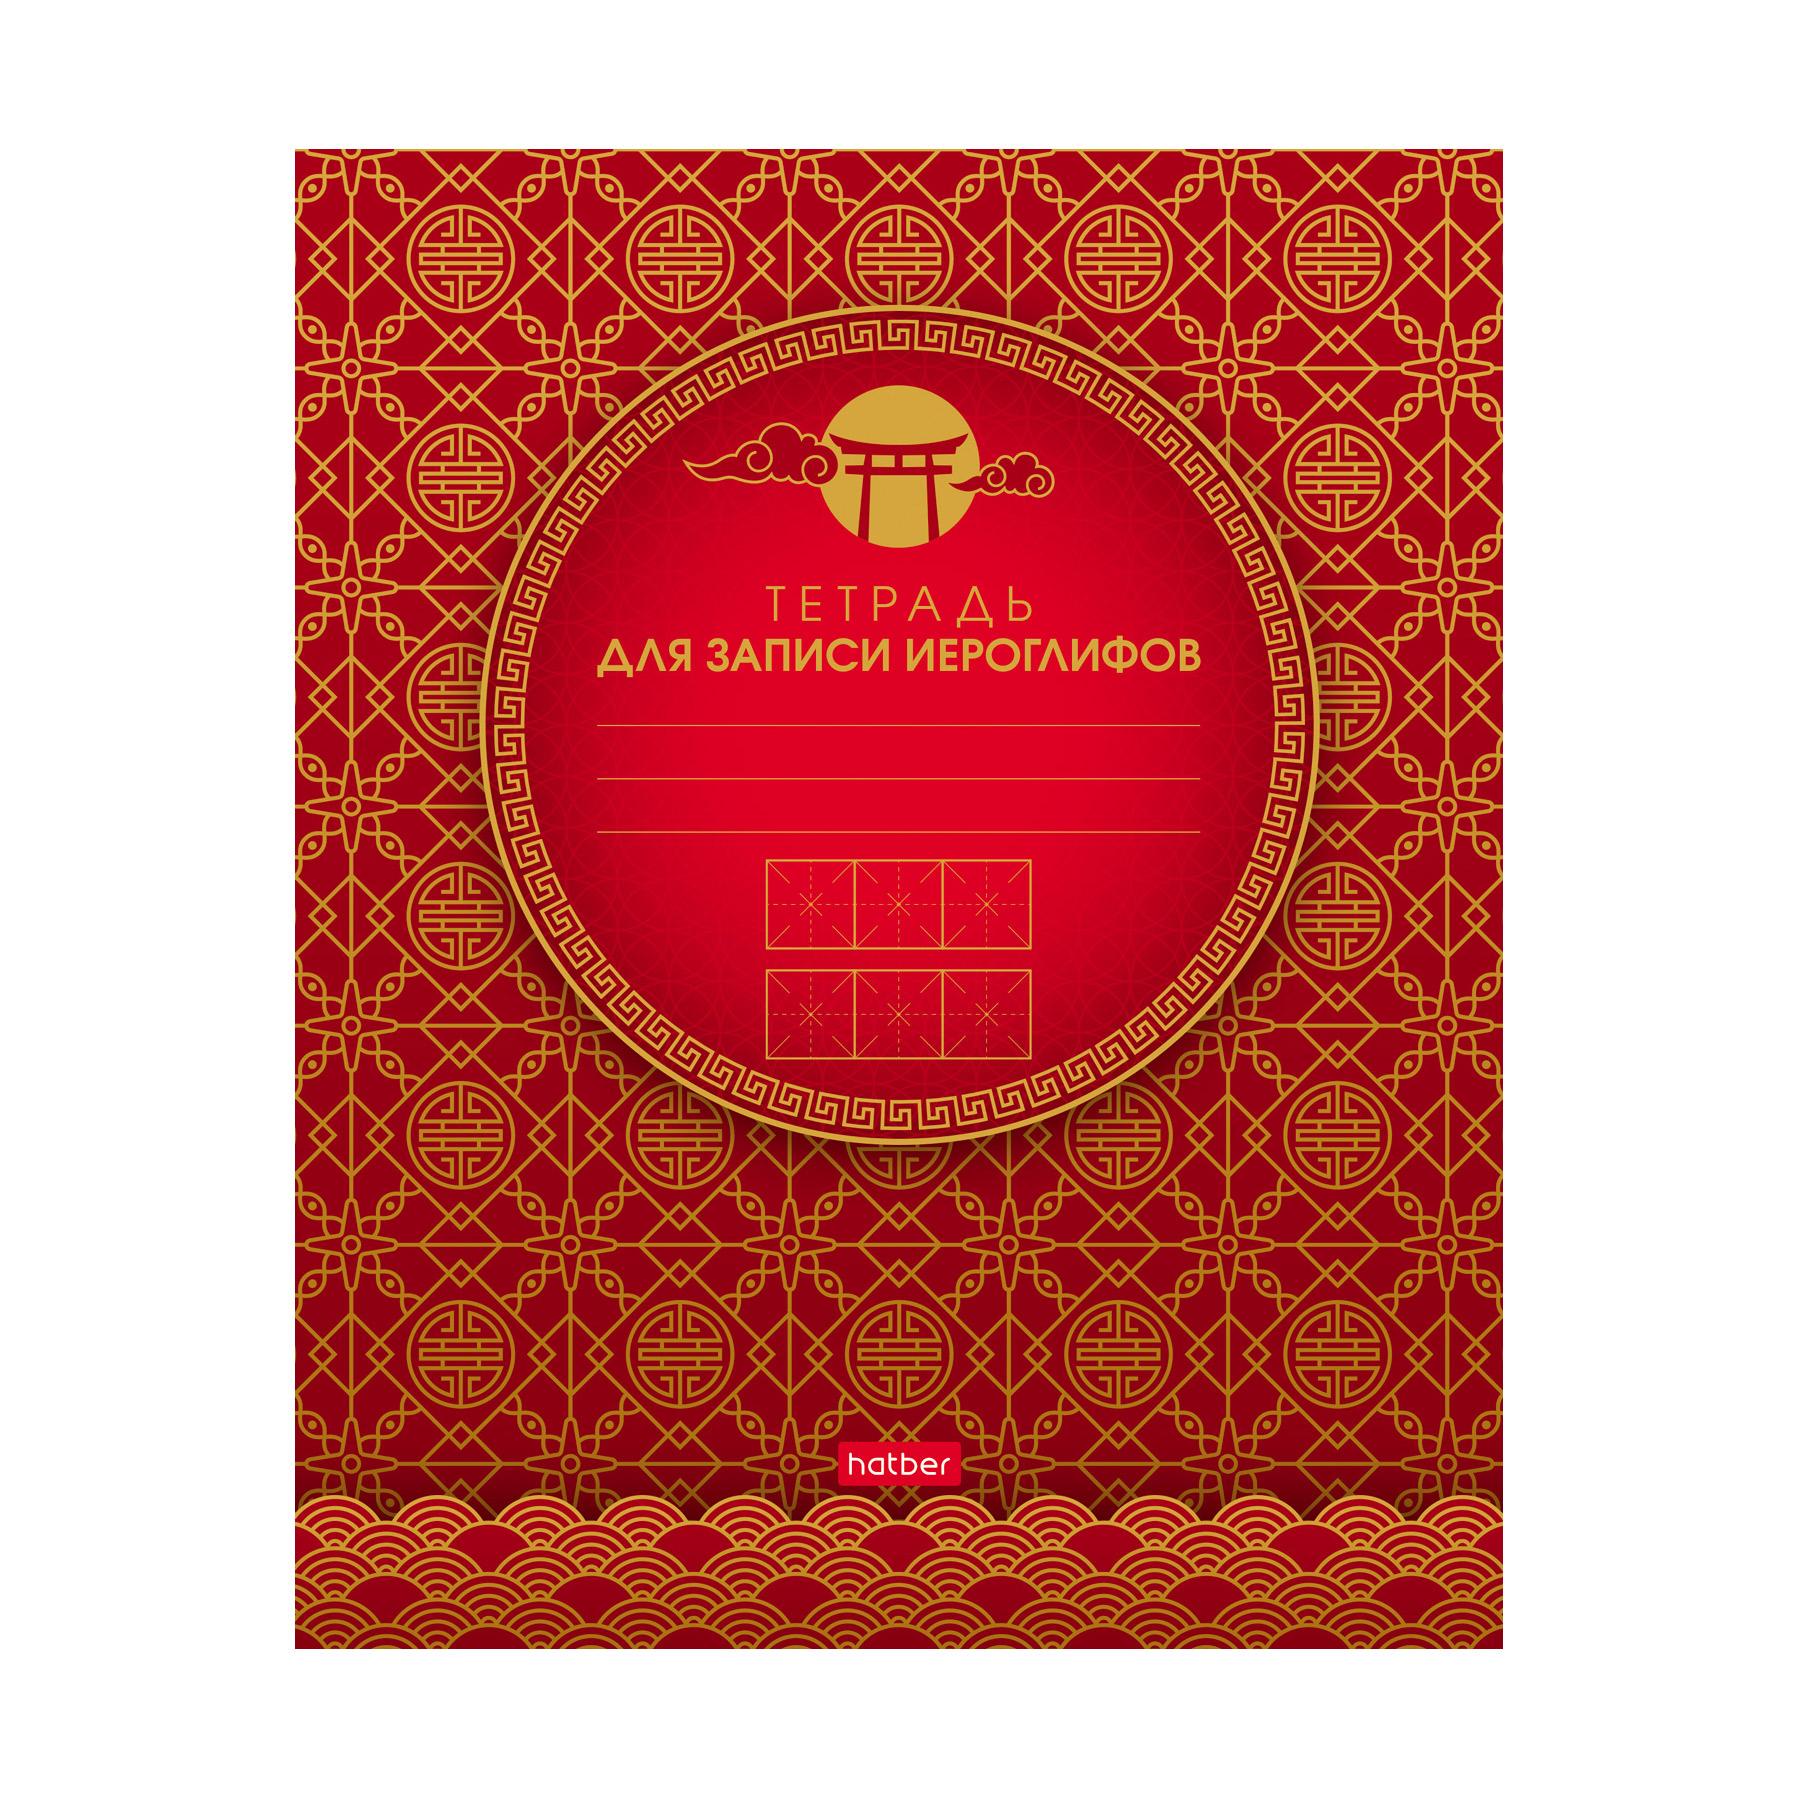 Тетрадь для записи иероглифов Hatber Золотые узоры 48 л А5